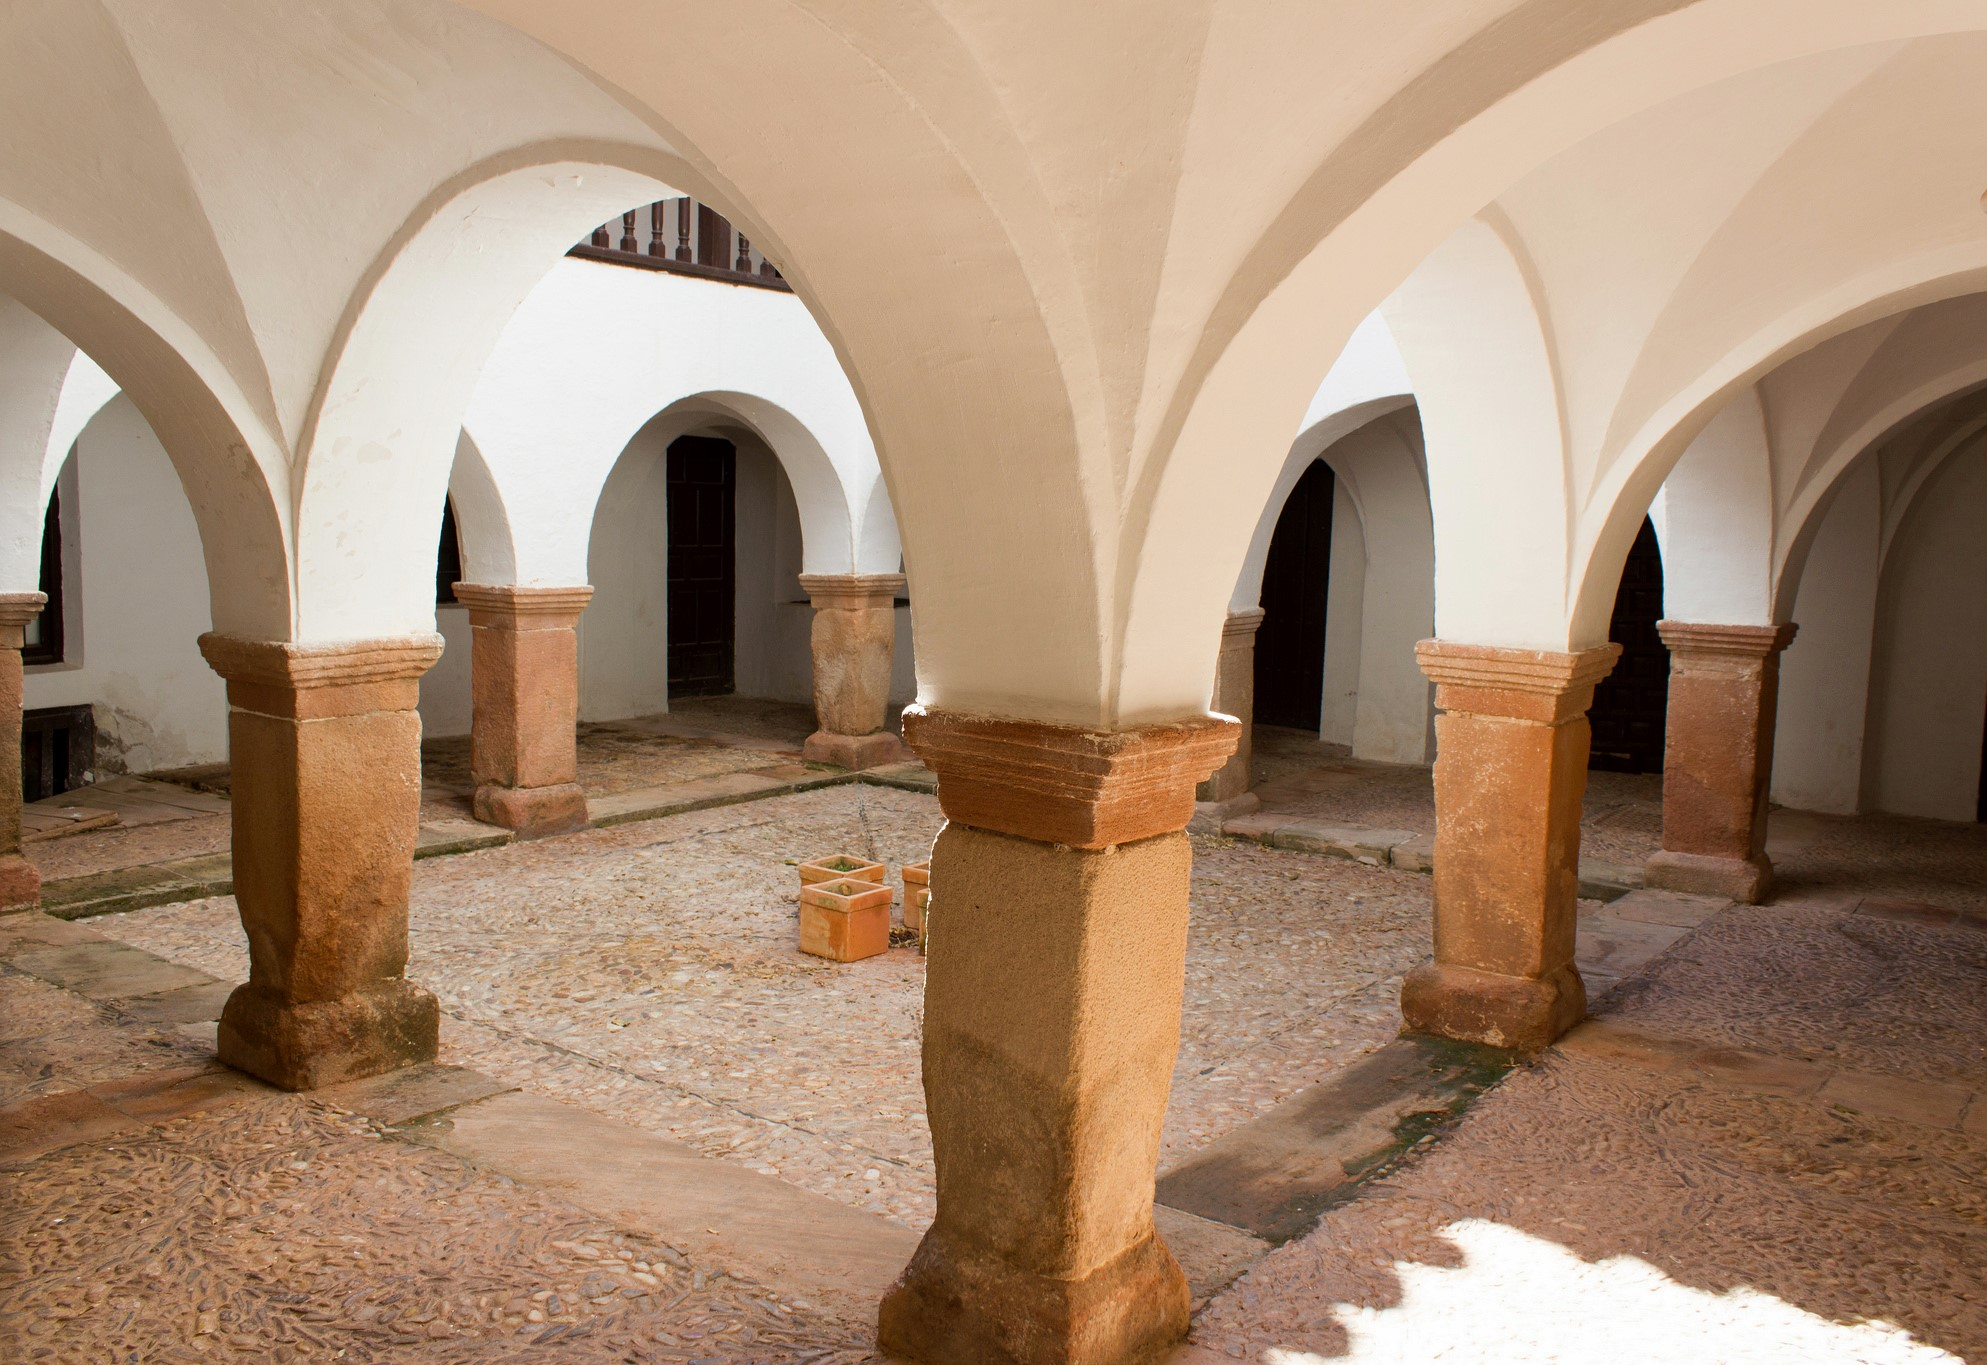 Patio-de-la-casa-de-los-Estudios-en-Villanueva-de-los-Infantes.-Autor-Rafa